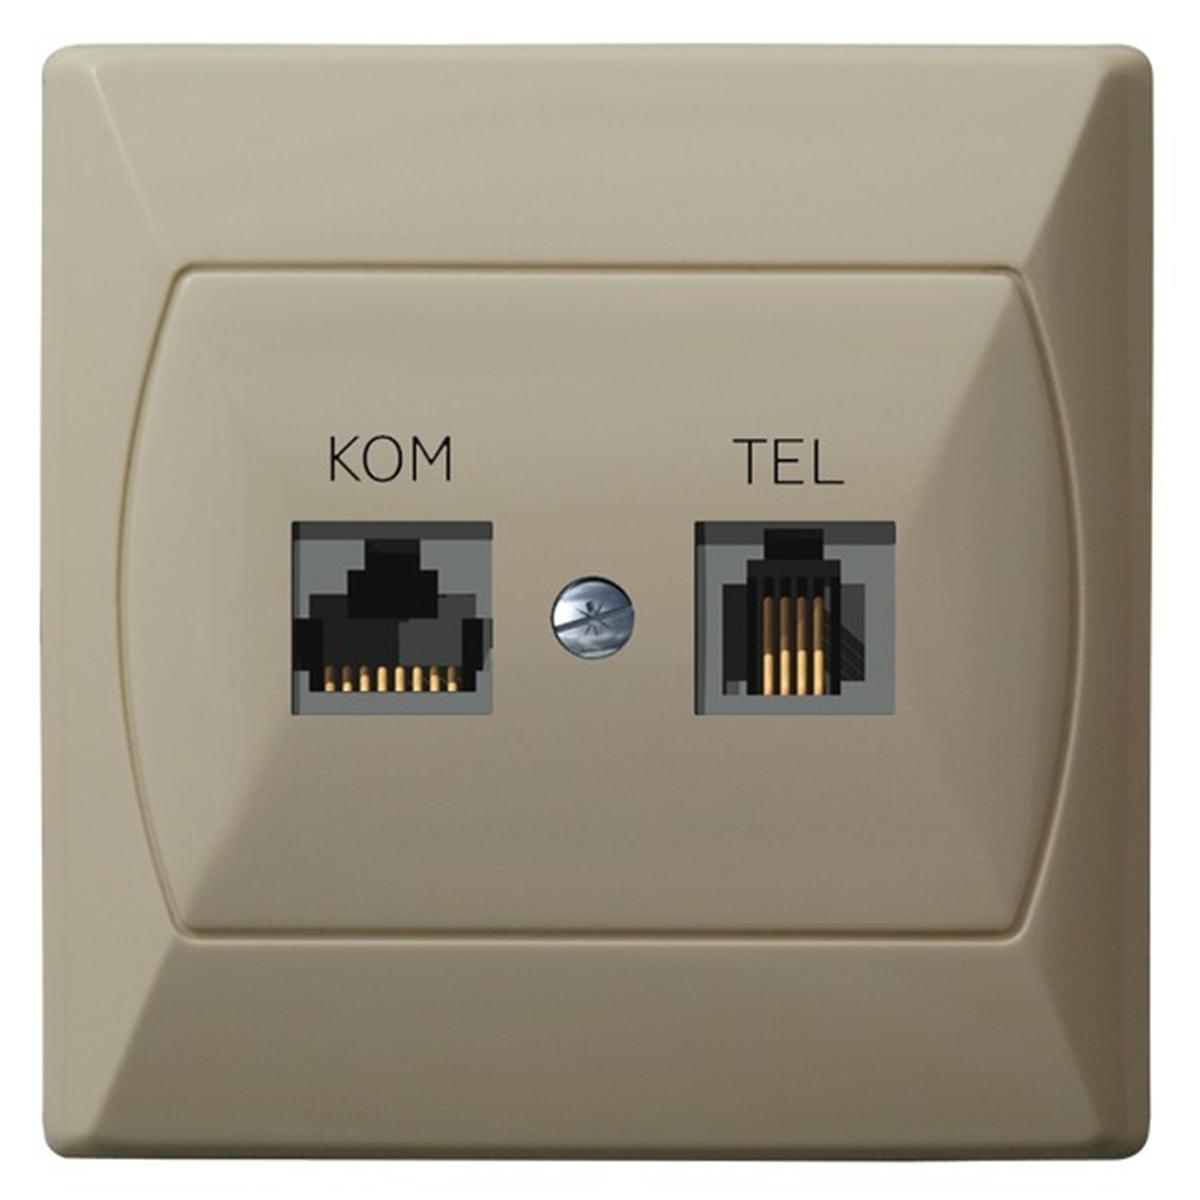 Akcent Gniazdo Komputerowo Telefoniczne Rj 45 Beżowy Sklep Elektryczny El12